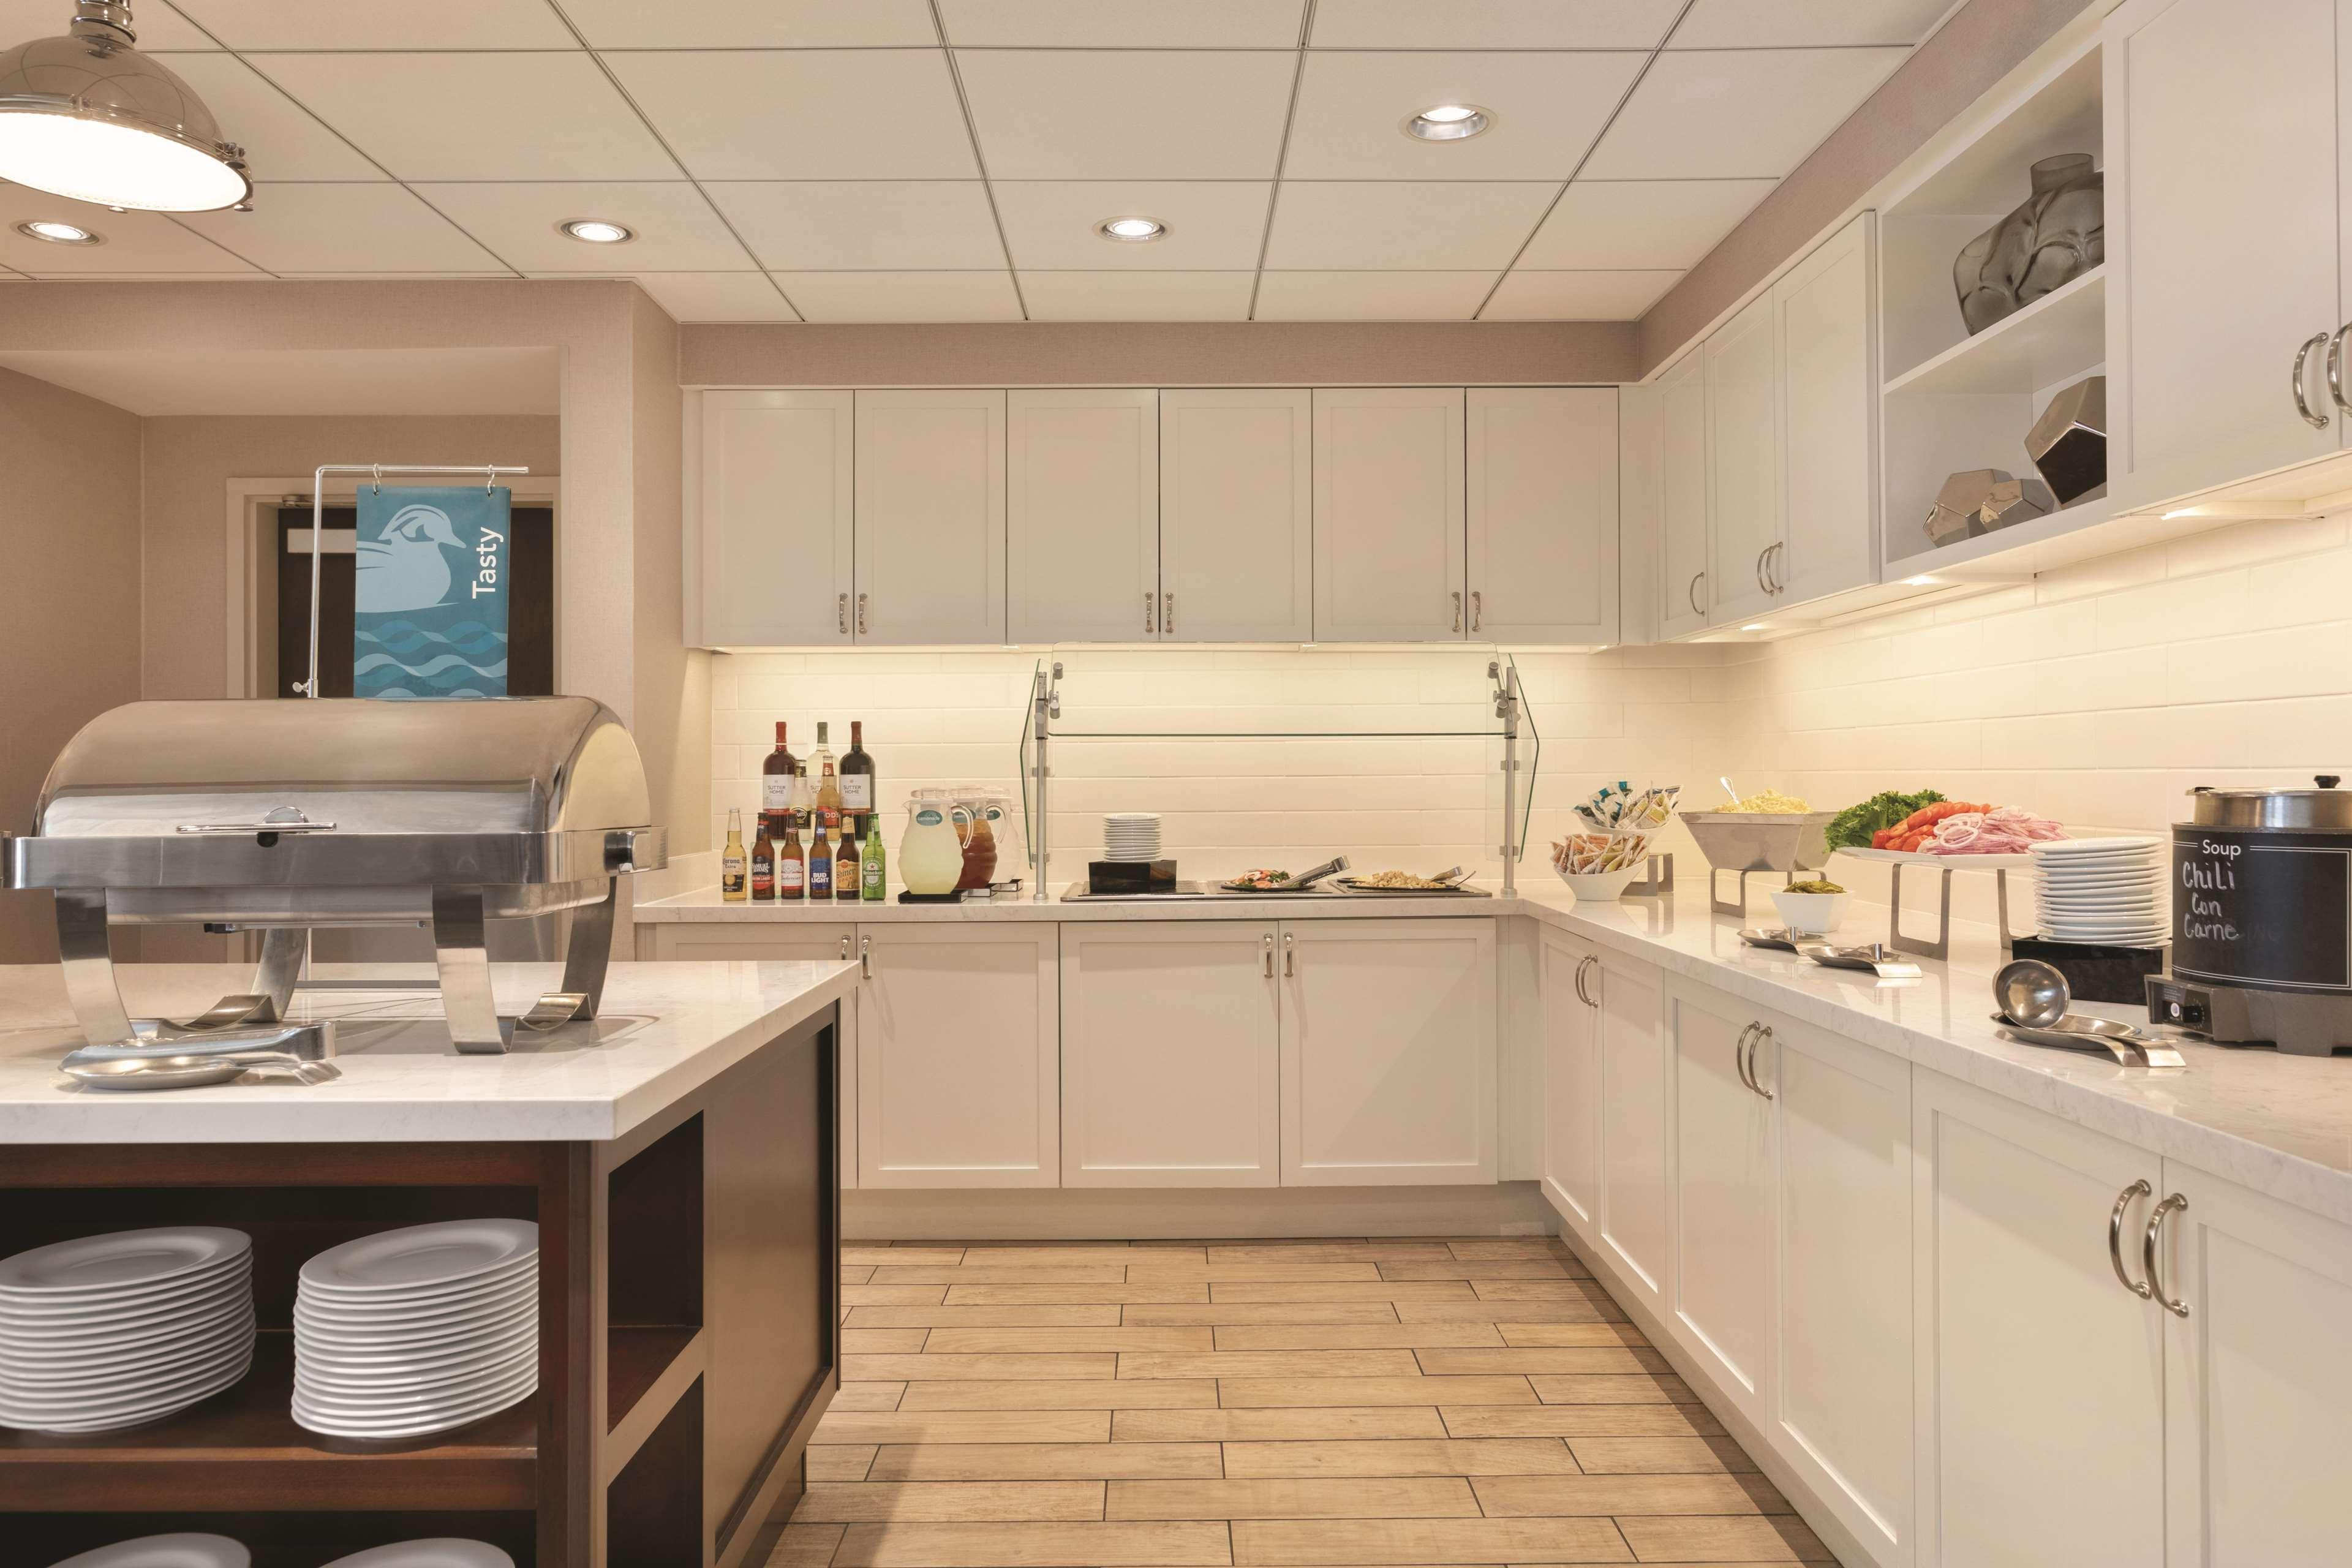 Homewood Suites by Hilton Detroit-Troy image 11